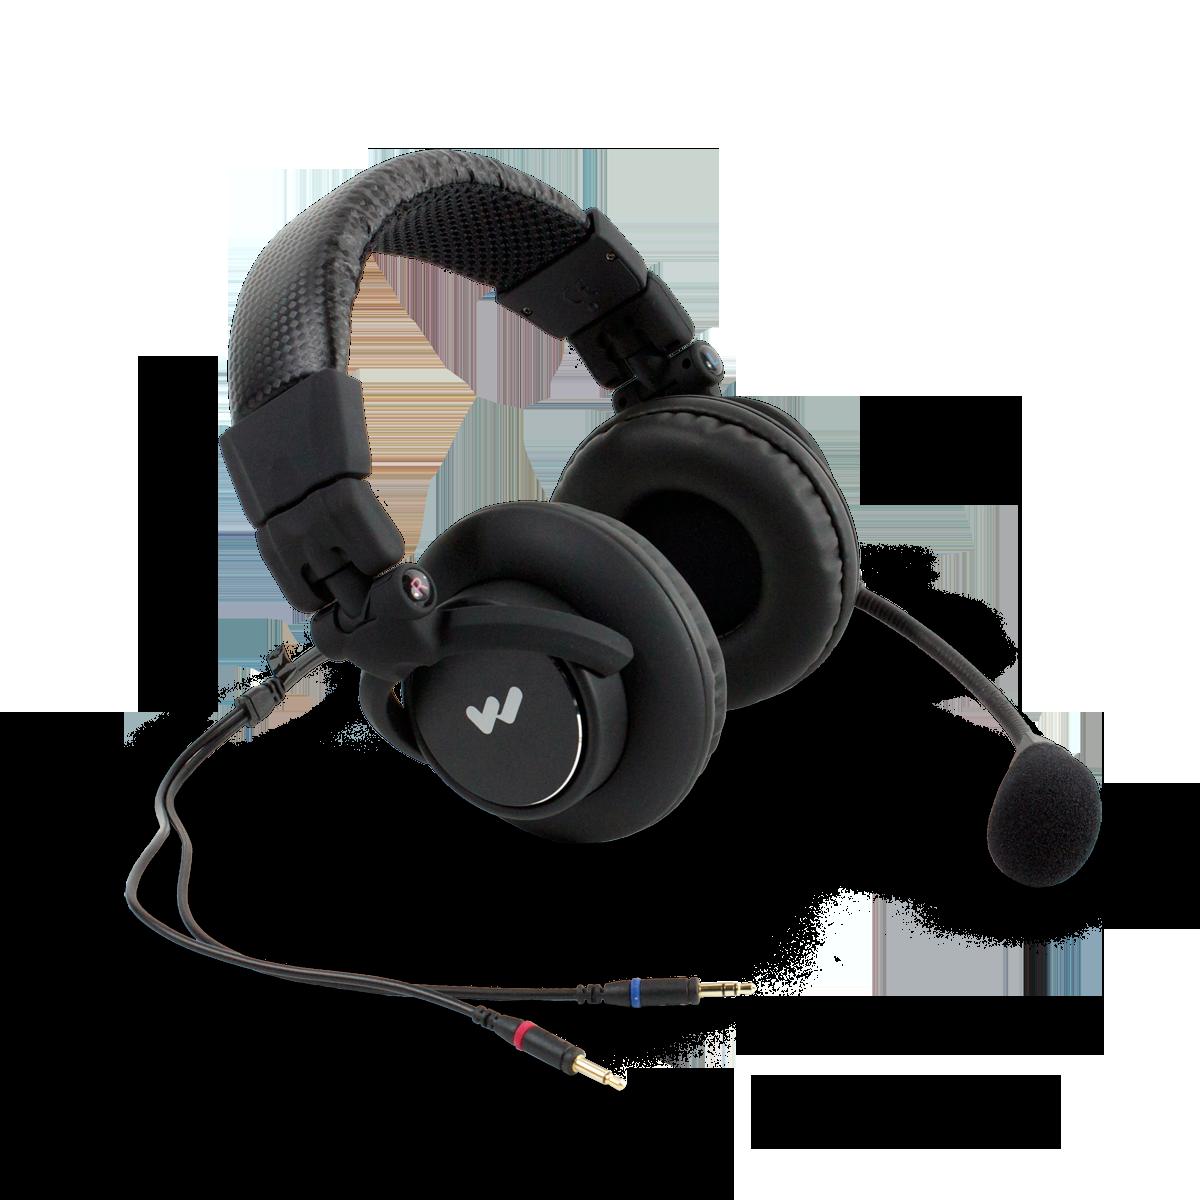 W-MIC 058 Dual muff headset mic